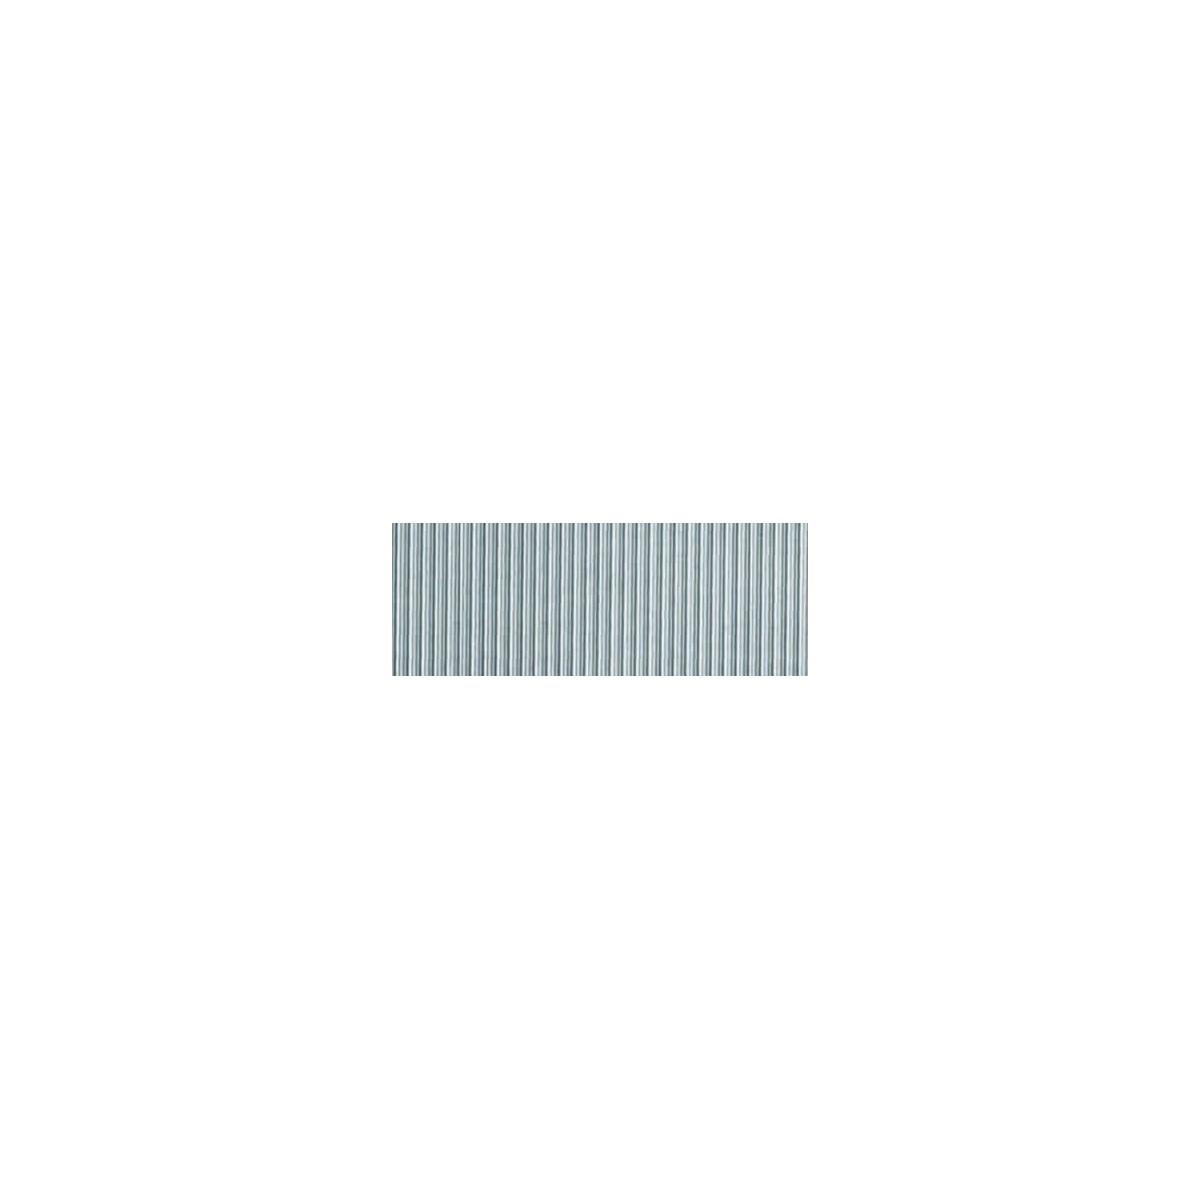 Foglio Cartoncino Onda Colorato Cm.70x50 Argento